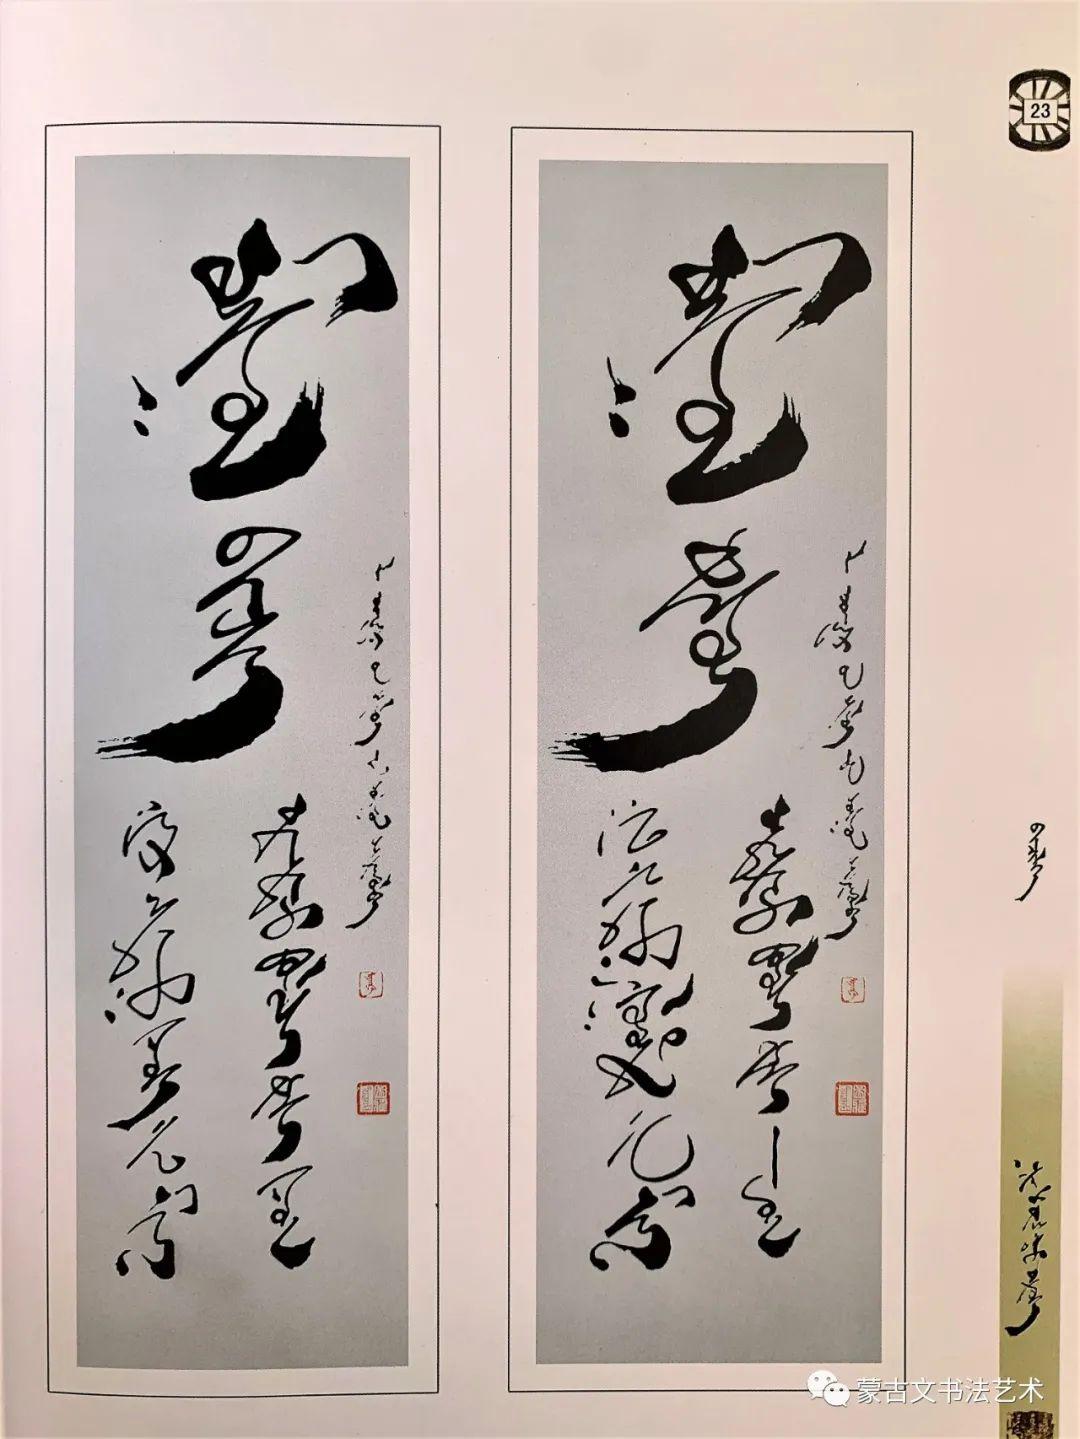 书法书籍——【图雅作品集】 第8张